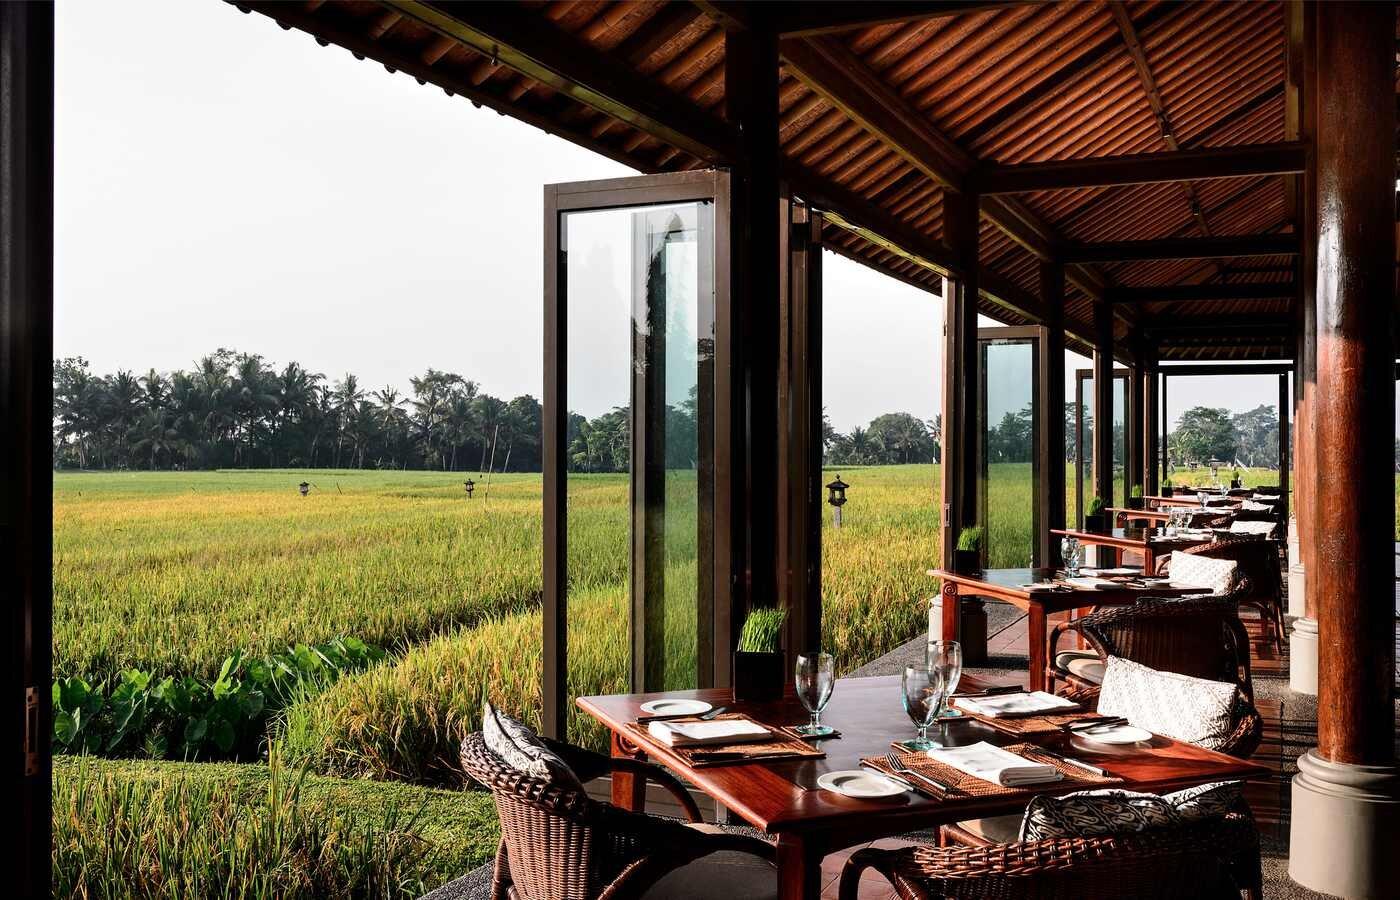 CTG-Dining-The Restaurant-Interior 05.jpg